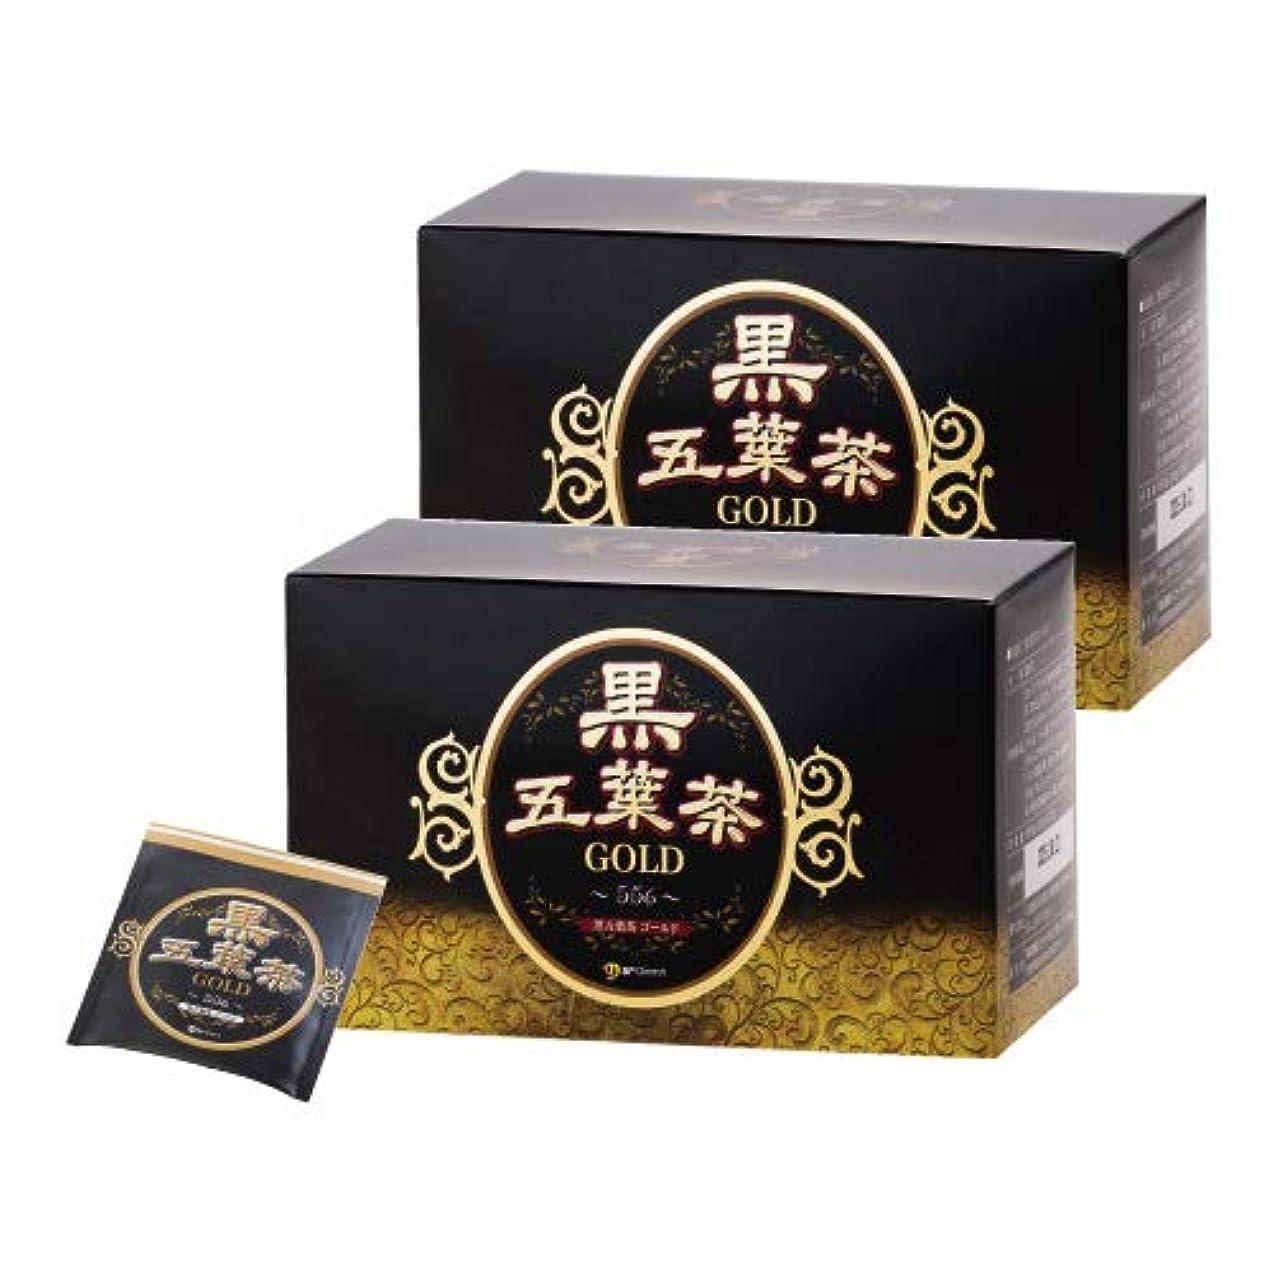 糞ディスコ費用黒五葉茶ゴールド 30包 2箱セット ダイエット ダイエット茶 ダイエットティー ハーブティー 難消化性デキストリン